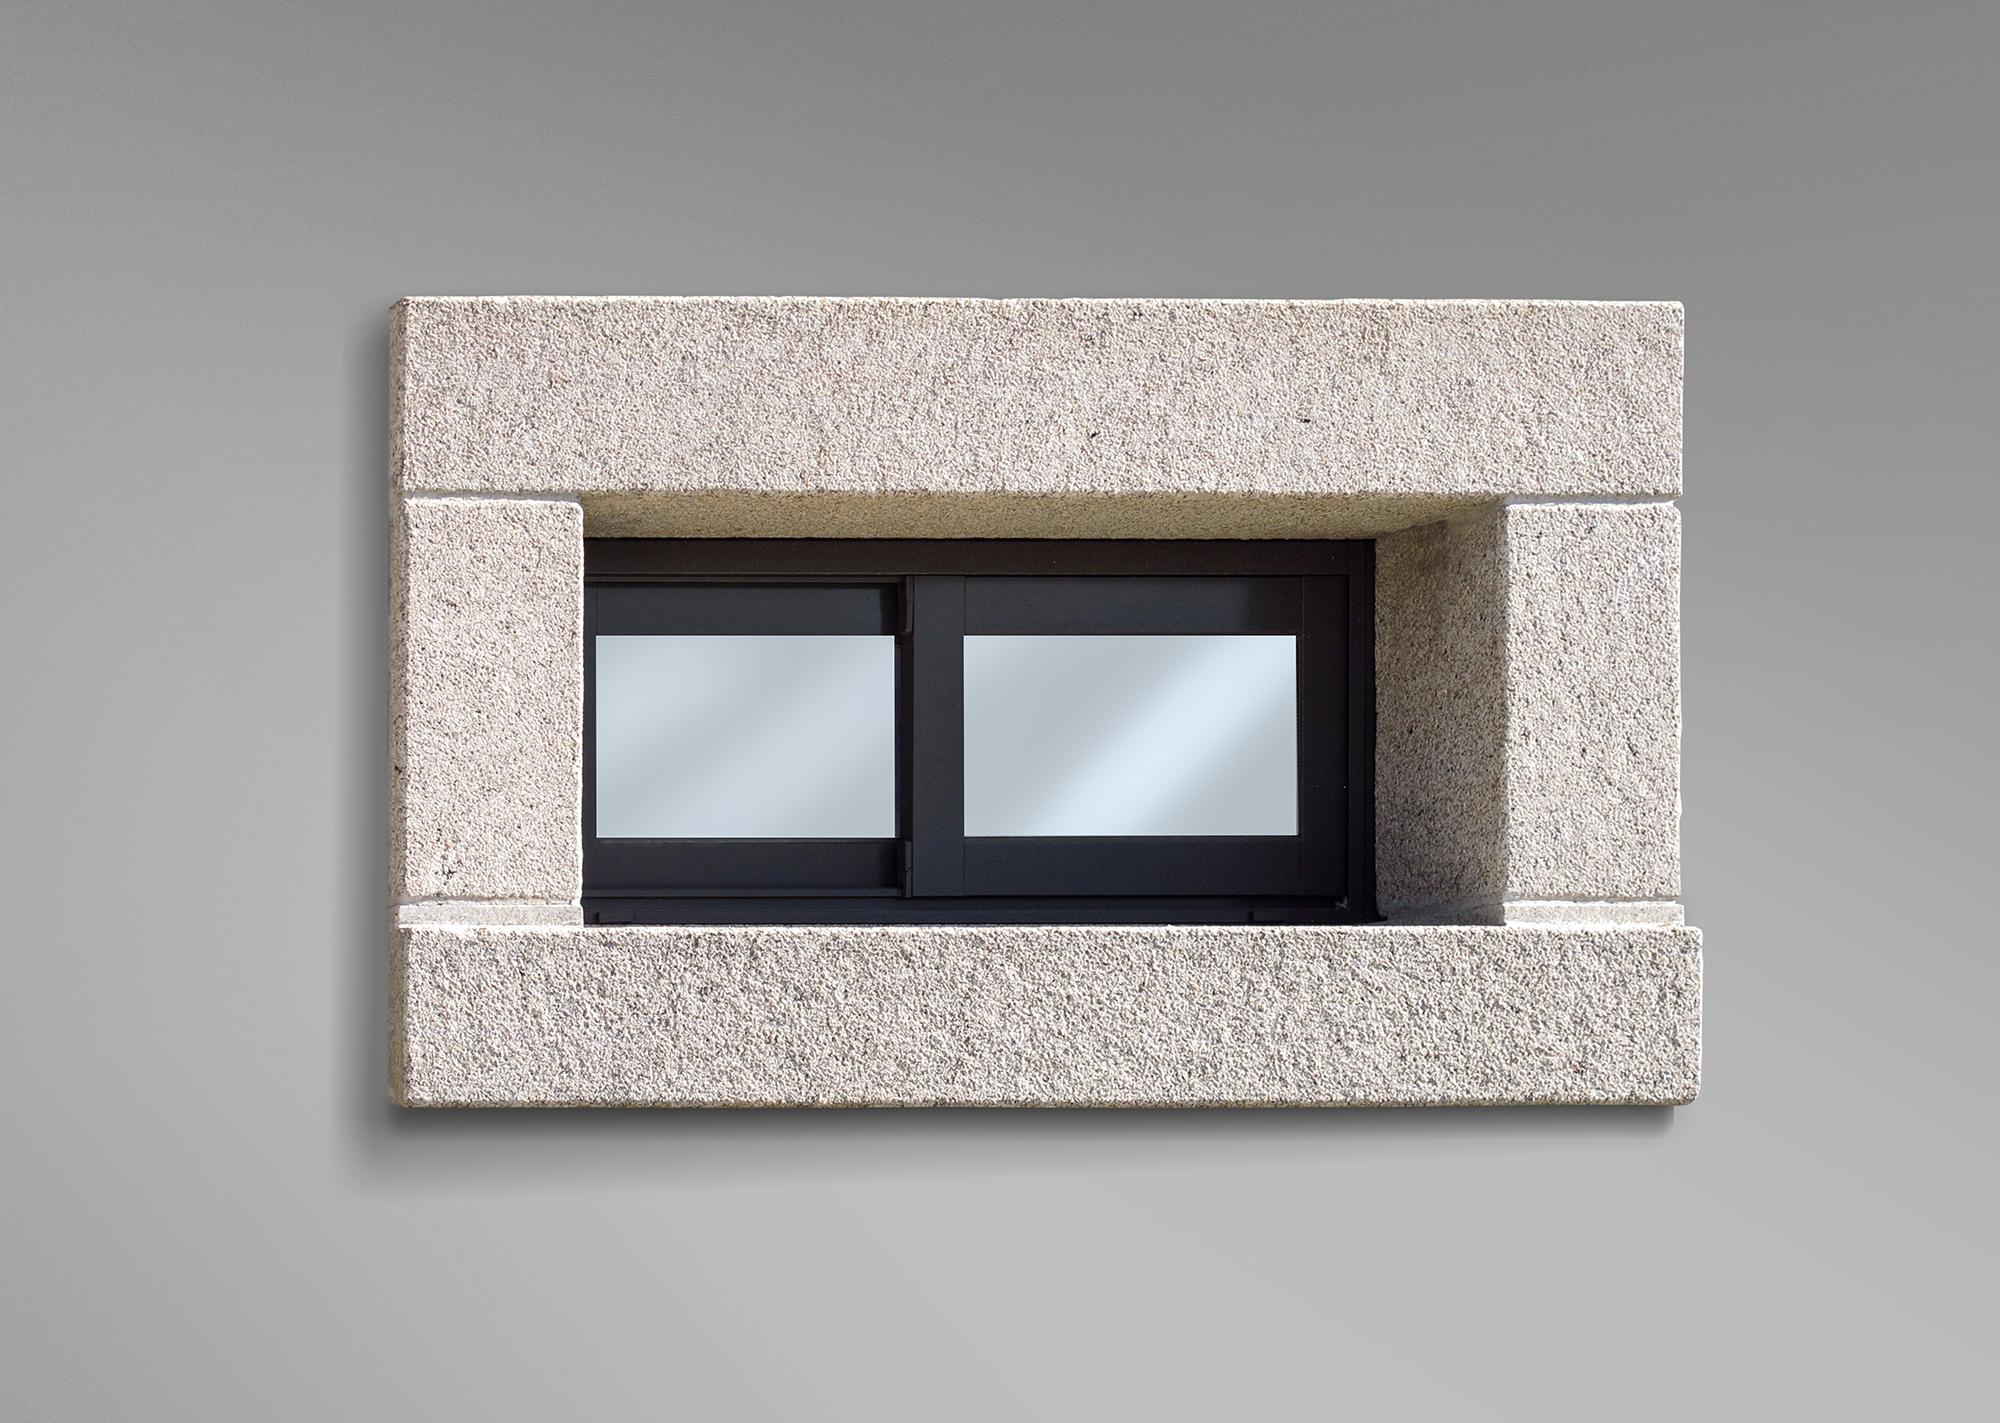 Recercado rectangular de ventana